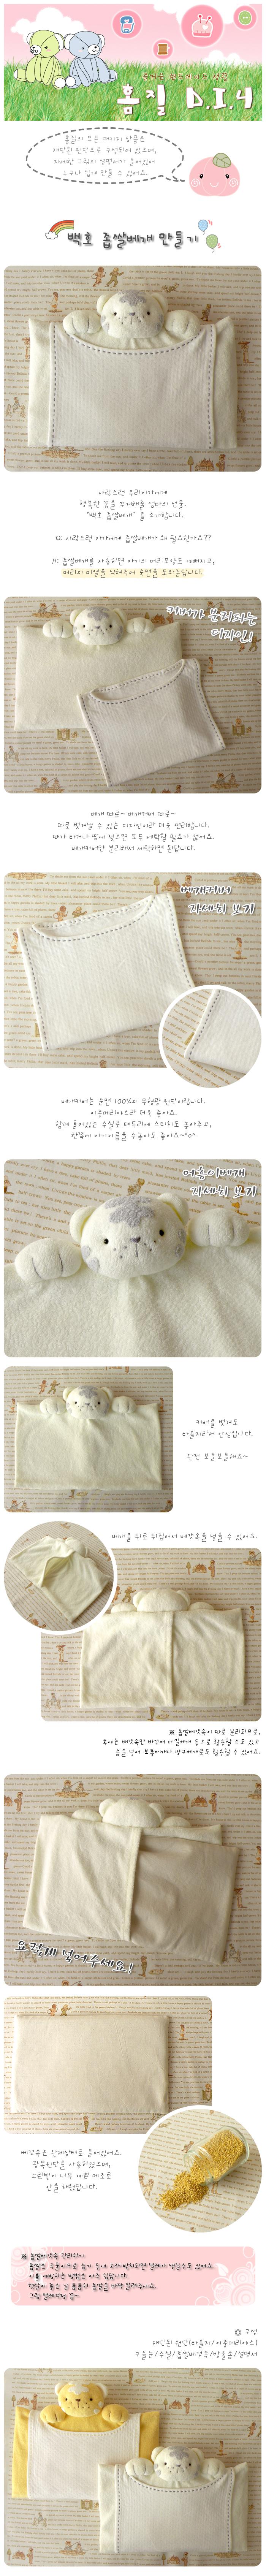 백호 좁쌀베개 만들기 - 홈질, 25,000원, DIY아기용품, DIY아기용품